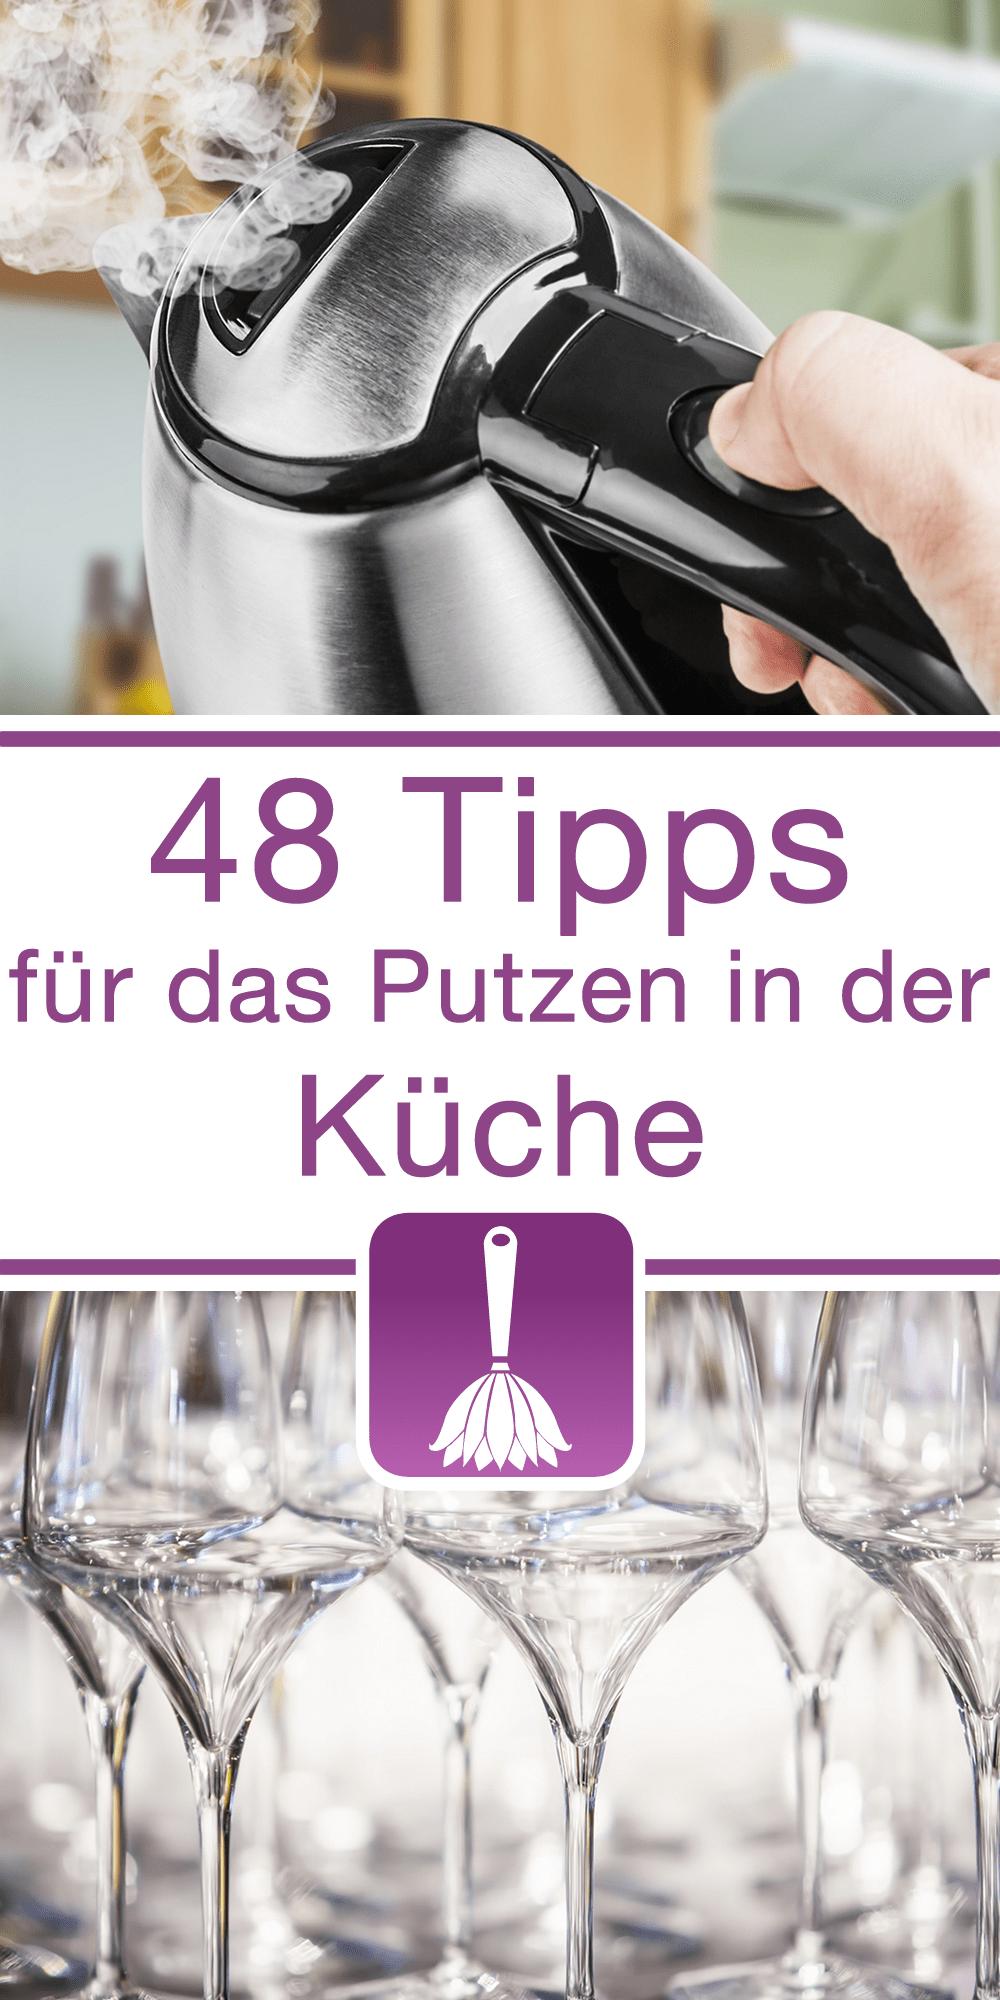 48 Tipps & Tricks für das Putzen in der Küche | Tipps, Küche und ...